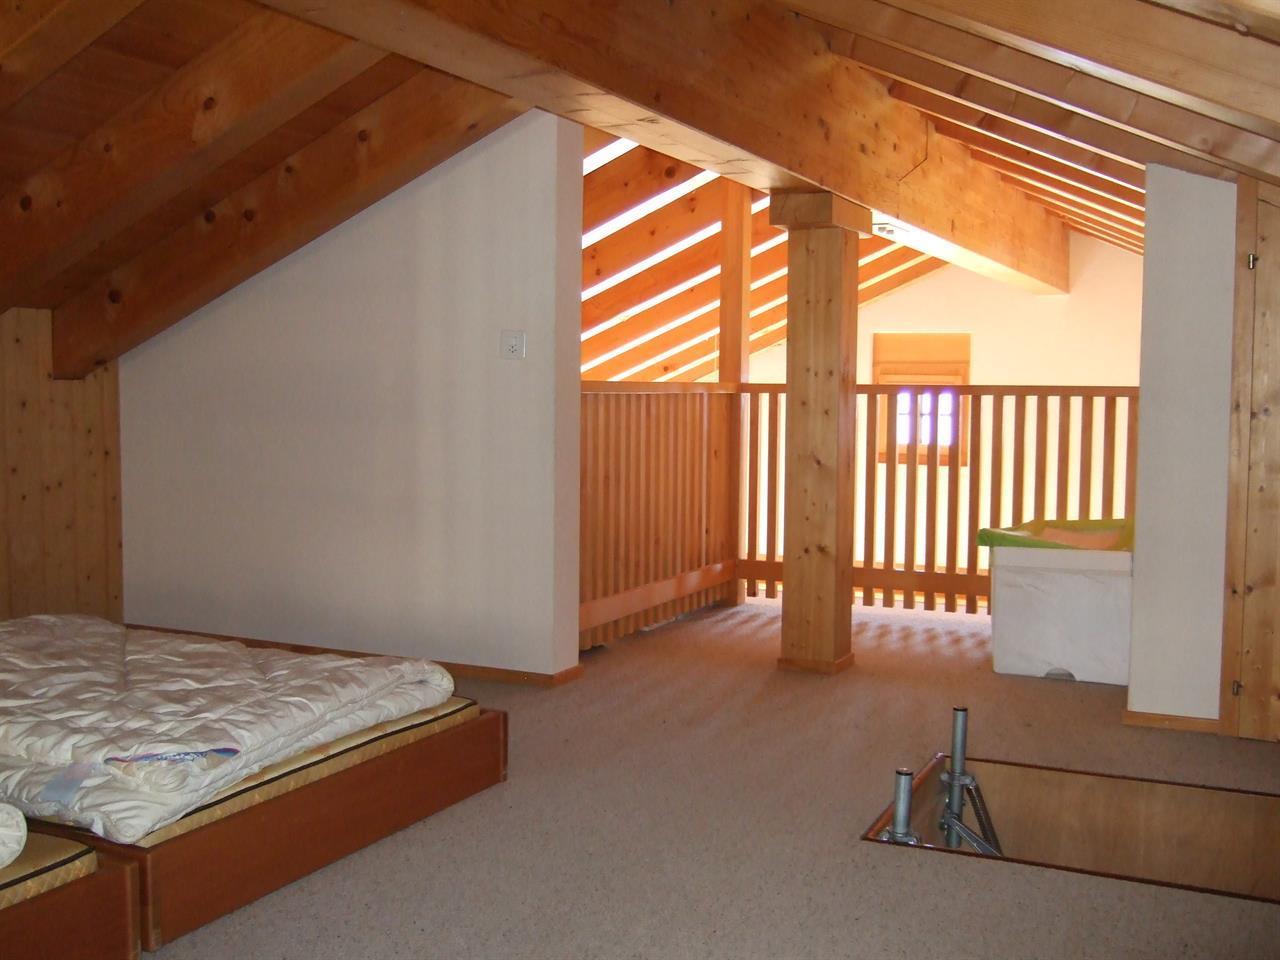 previous - Wohnzimmer Oben Offen